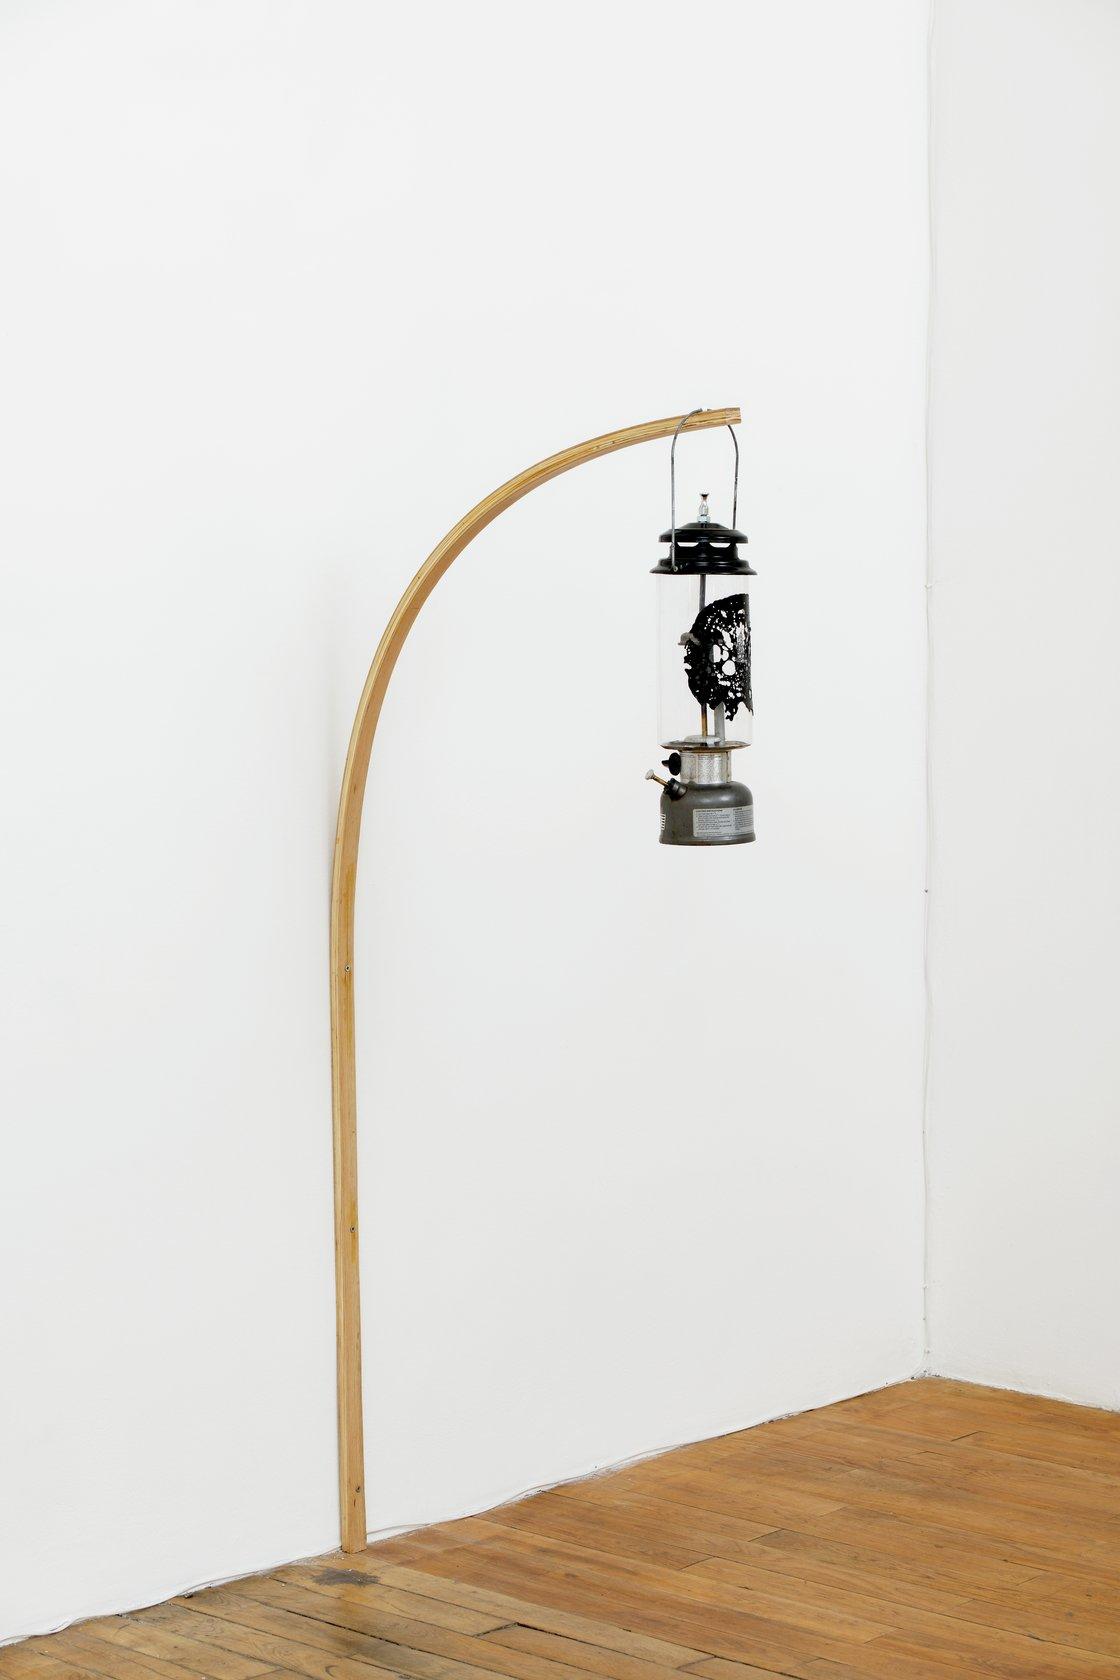 Oscar Tuazon, Oil Lamp, 2021